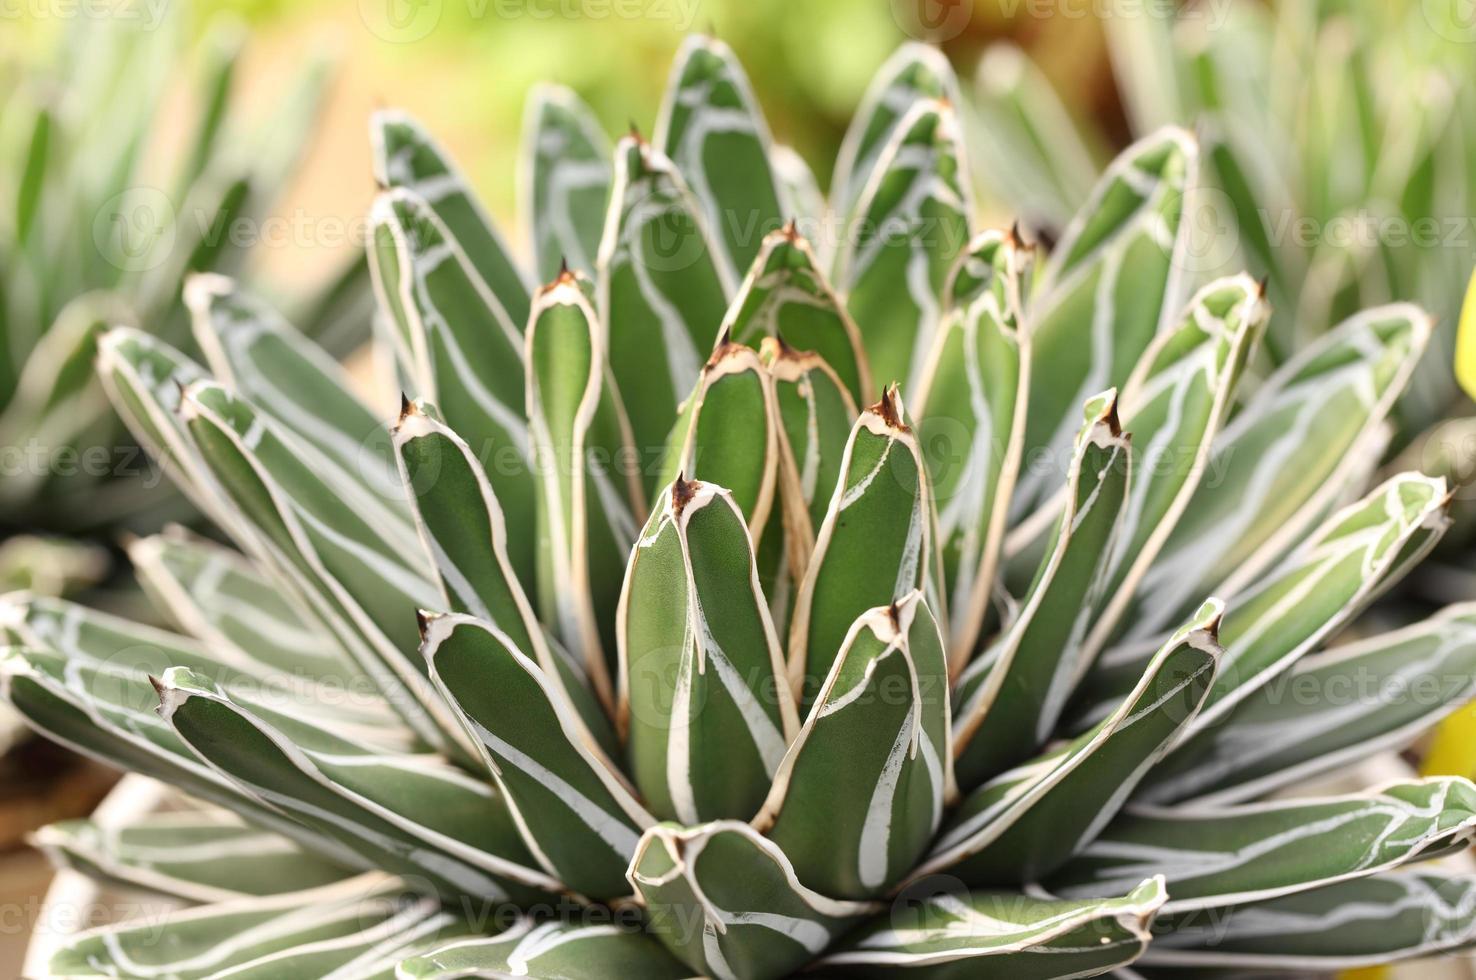 folhas agudas pontiagudas da planta foto